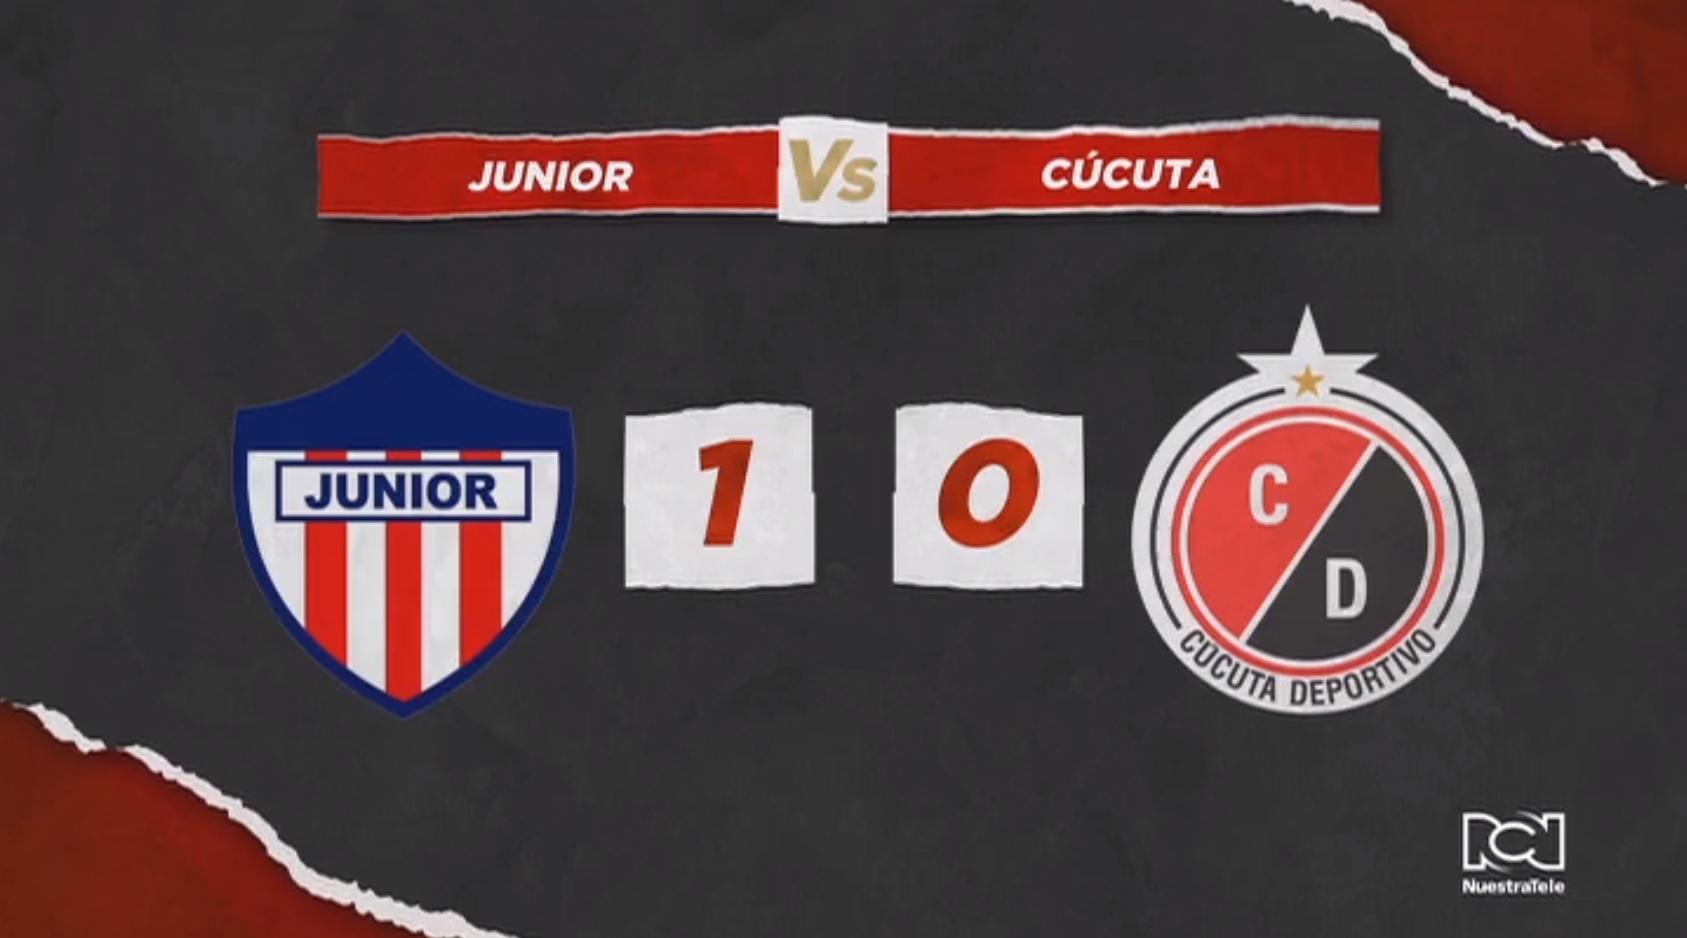 Atlético Junior Vs Cúcuta Deportivo